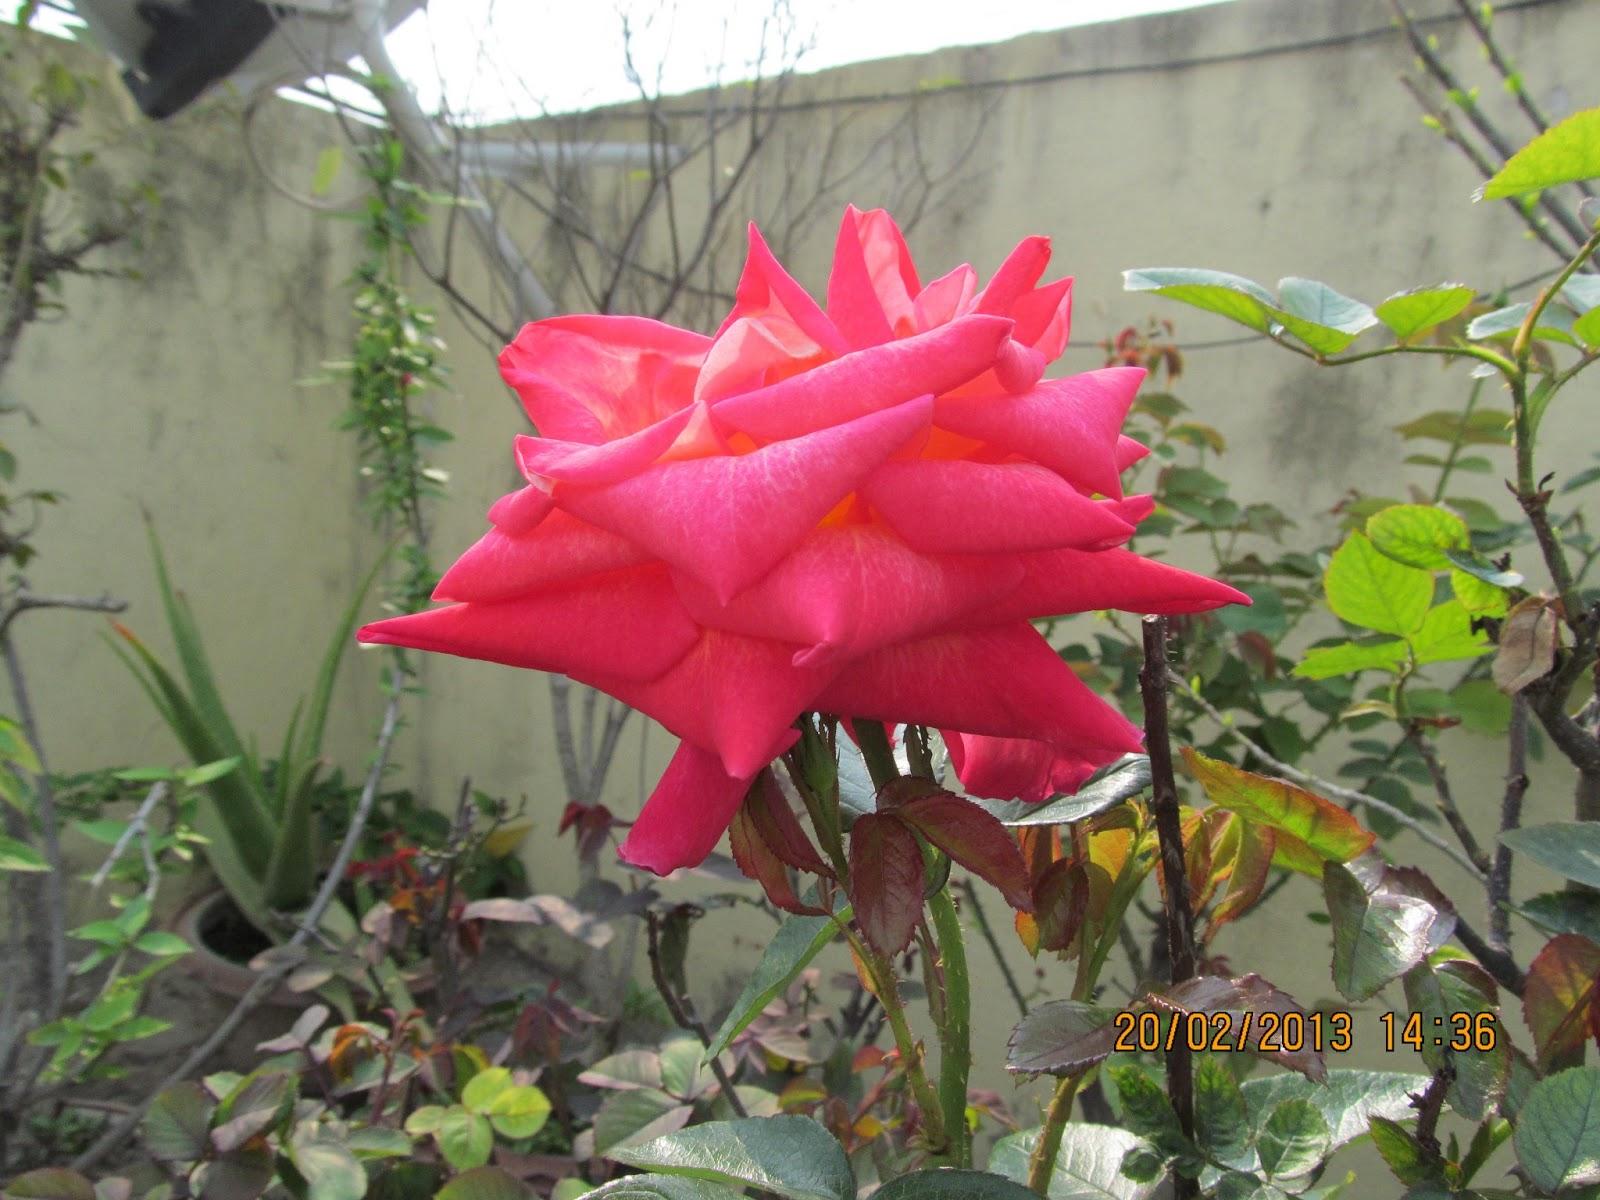 natureklik: lovely, lovely roses